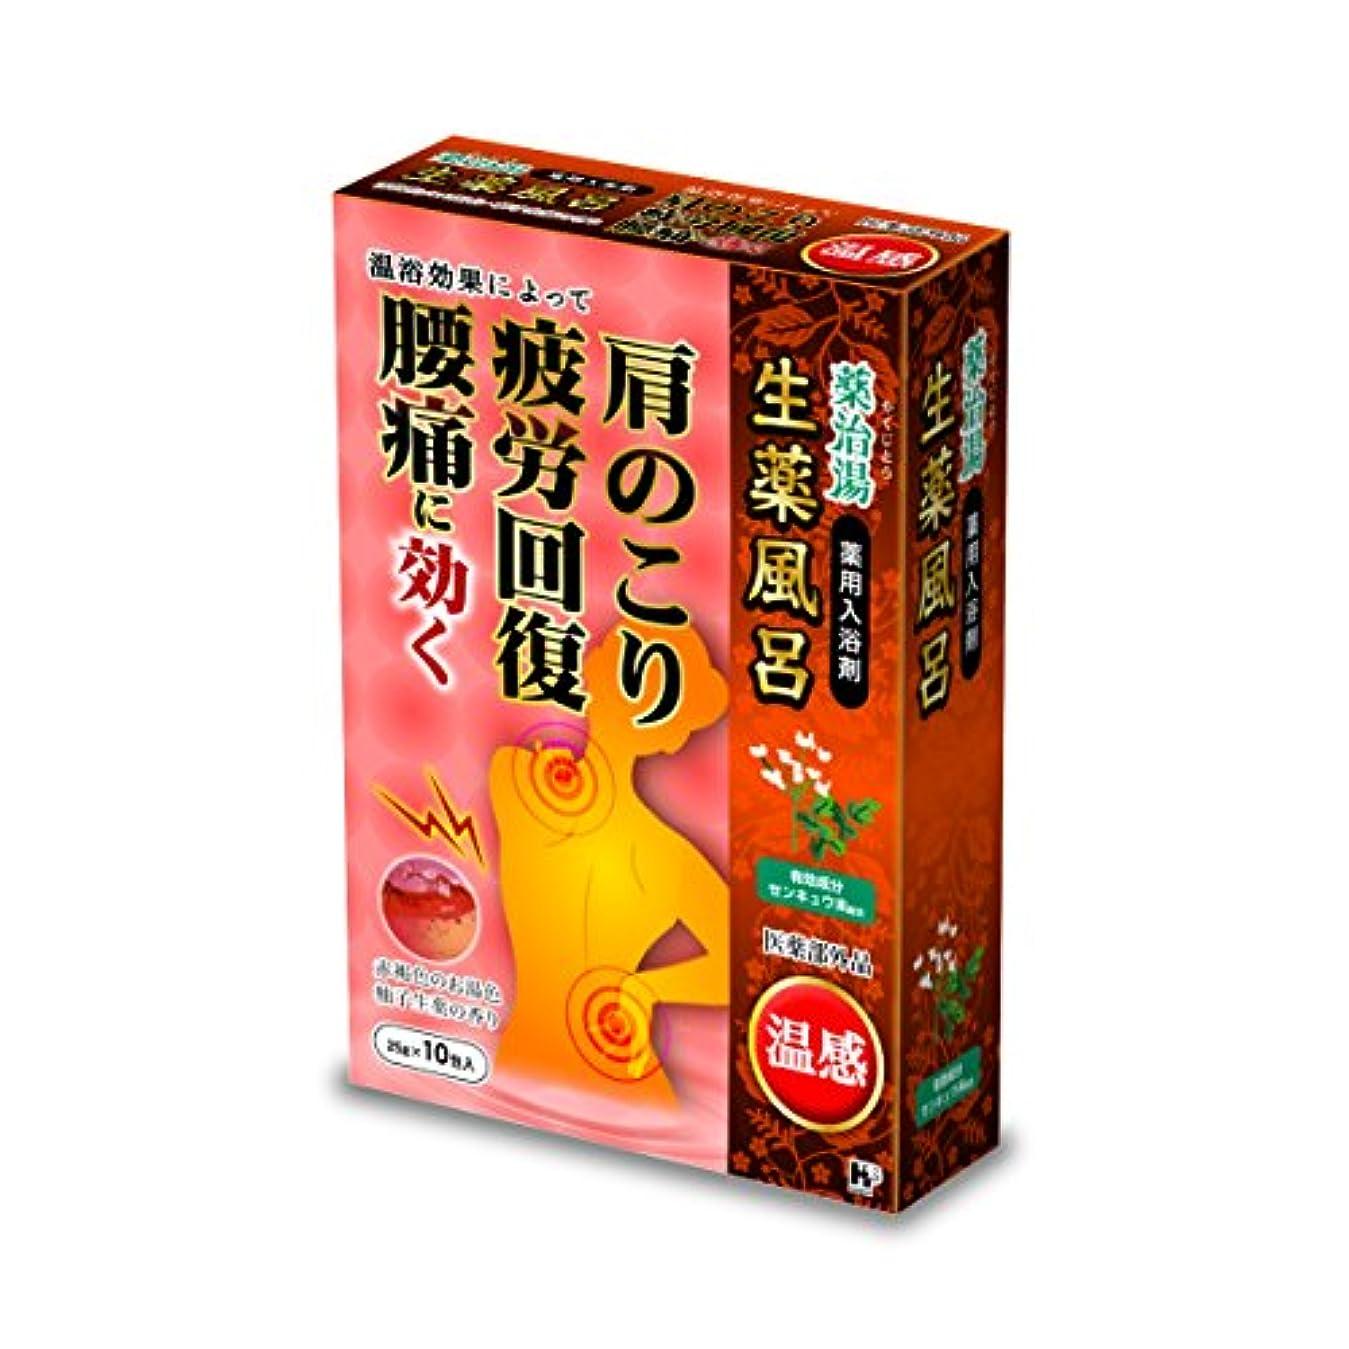 麻酔薬アクティビティ薬用薬治湯温感 柚子生薬の香り